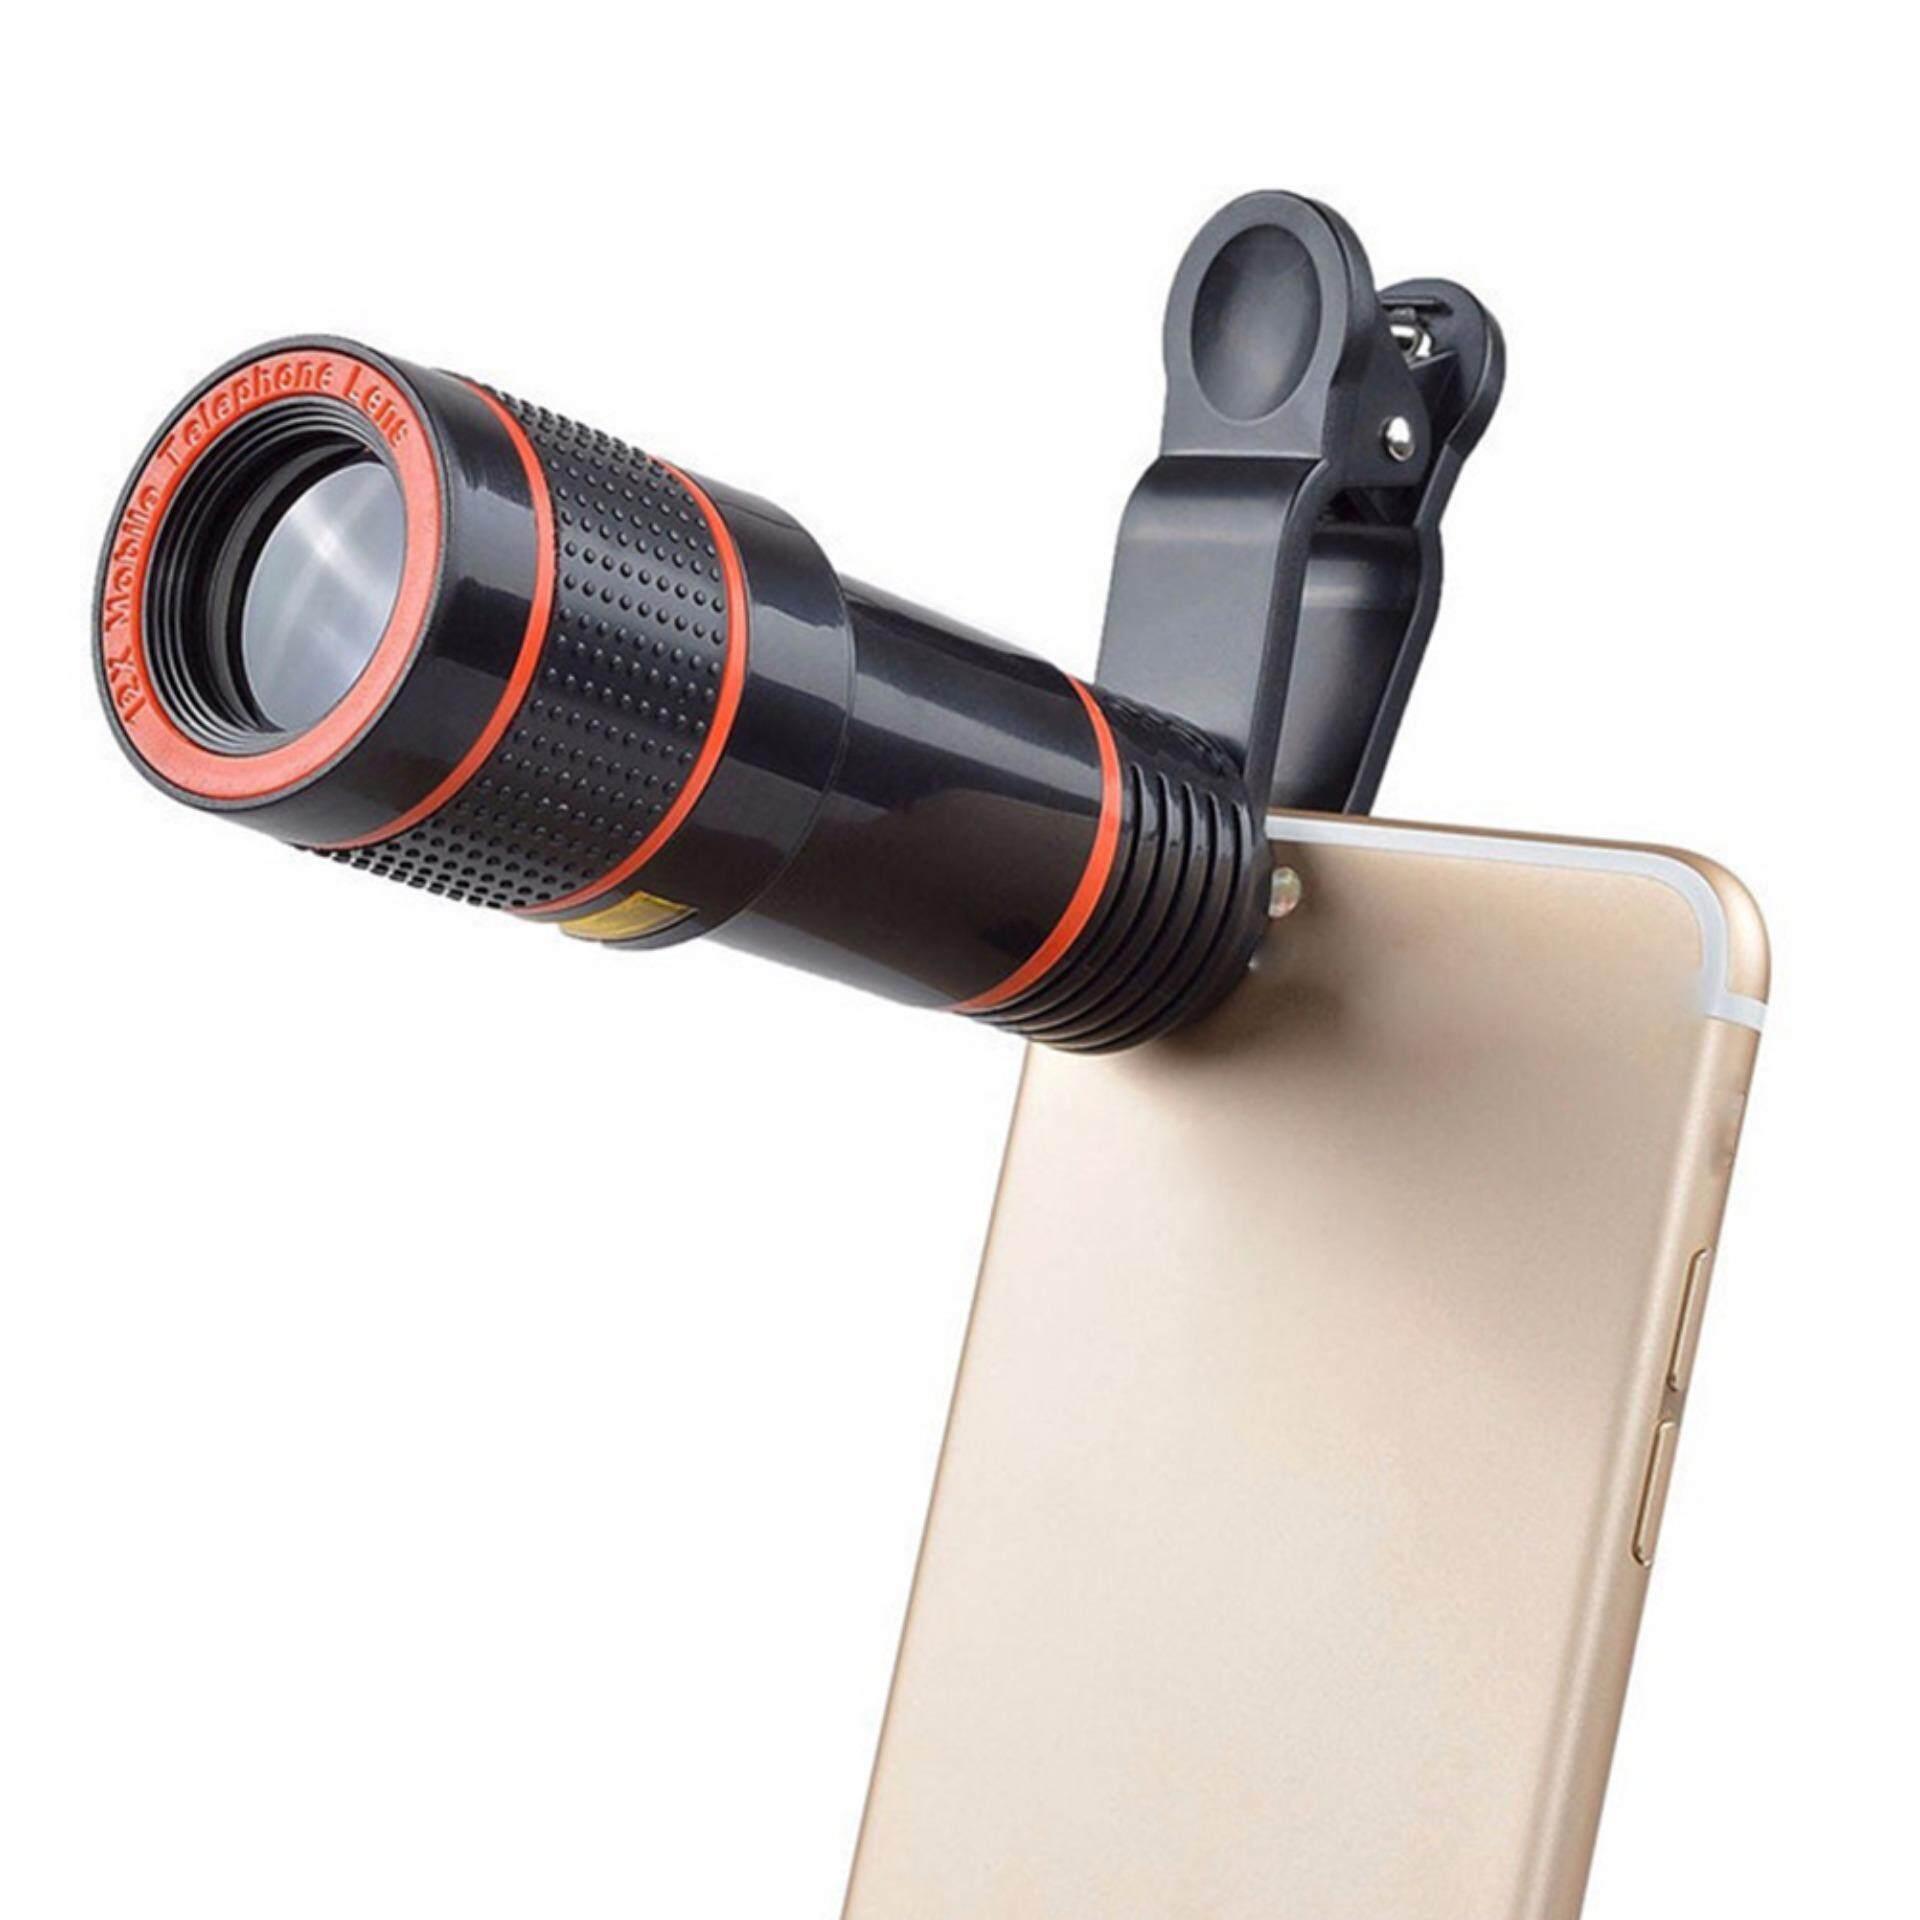 Clip-On 12X Optical Zoom Teropong Definisi Tinggi Lensa Kamera untuk Universal Telepon Seluler Hitam-Intl